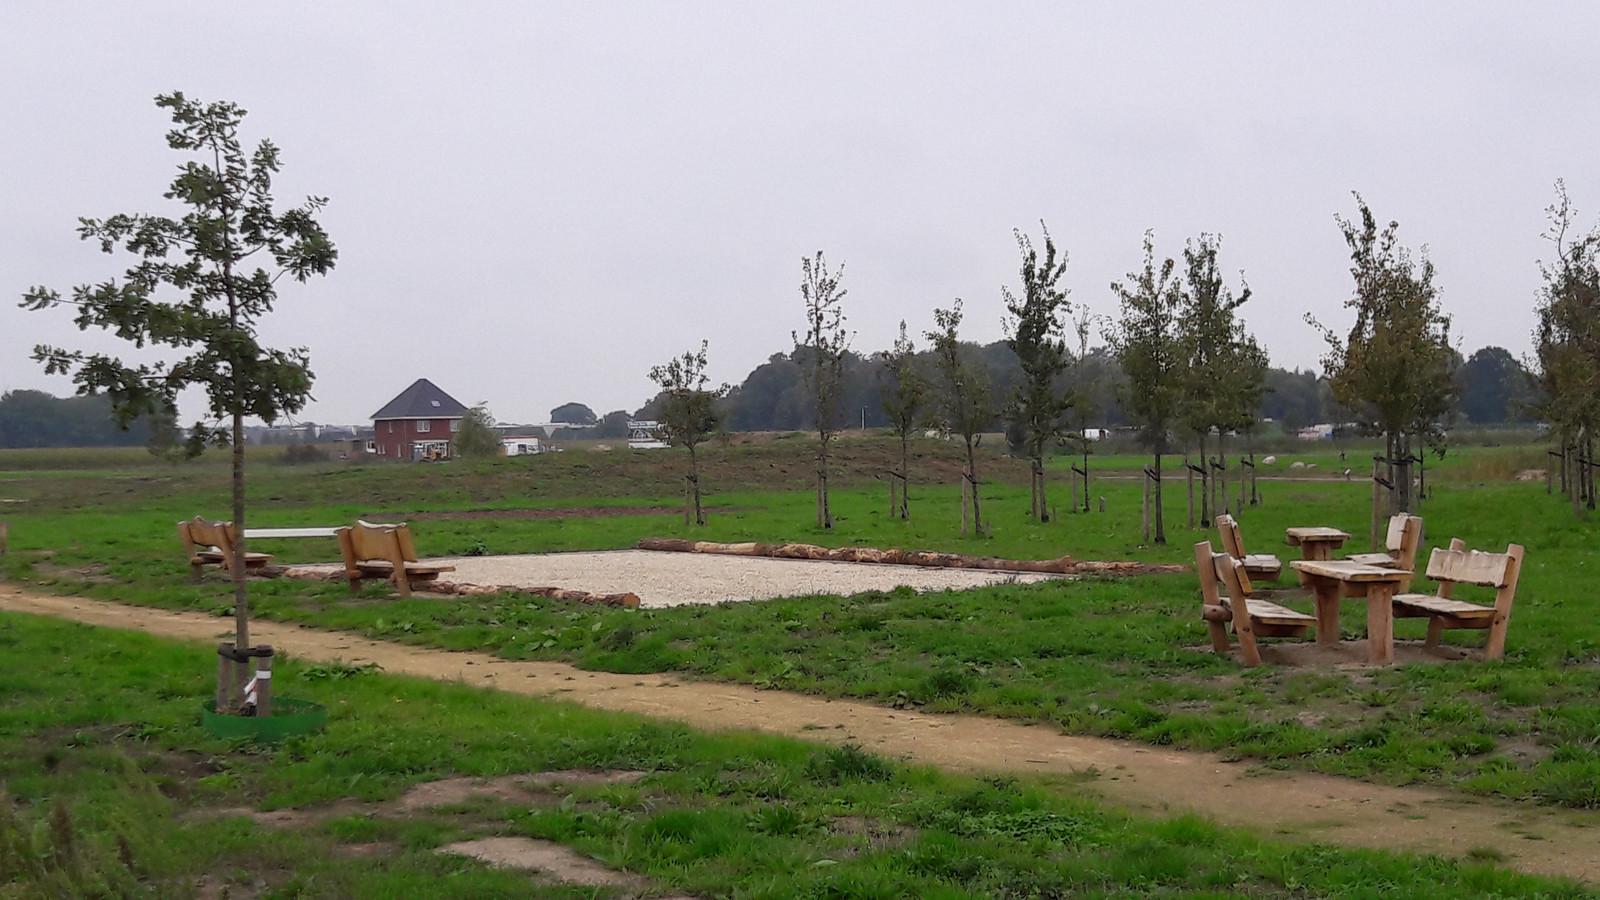 Het omstreden informatiecentrum in het Geerpark in Vlijmen zou moeten komen op de plaats tussen de achterste rij fruitbomen en de buurtheuvel.